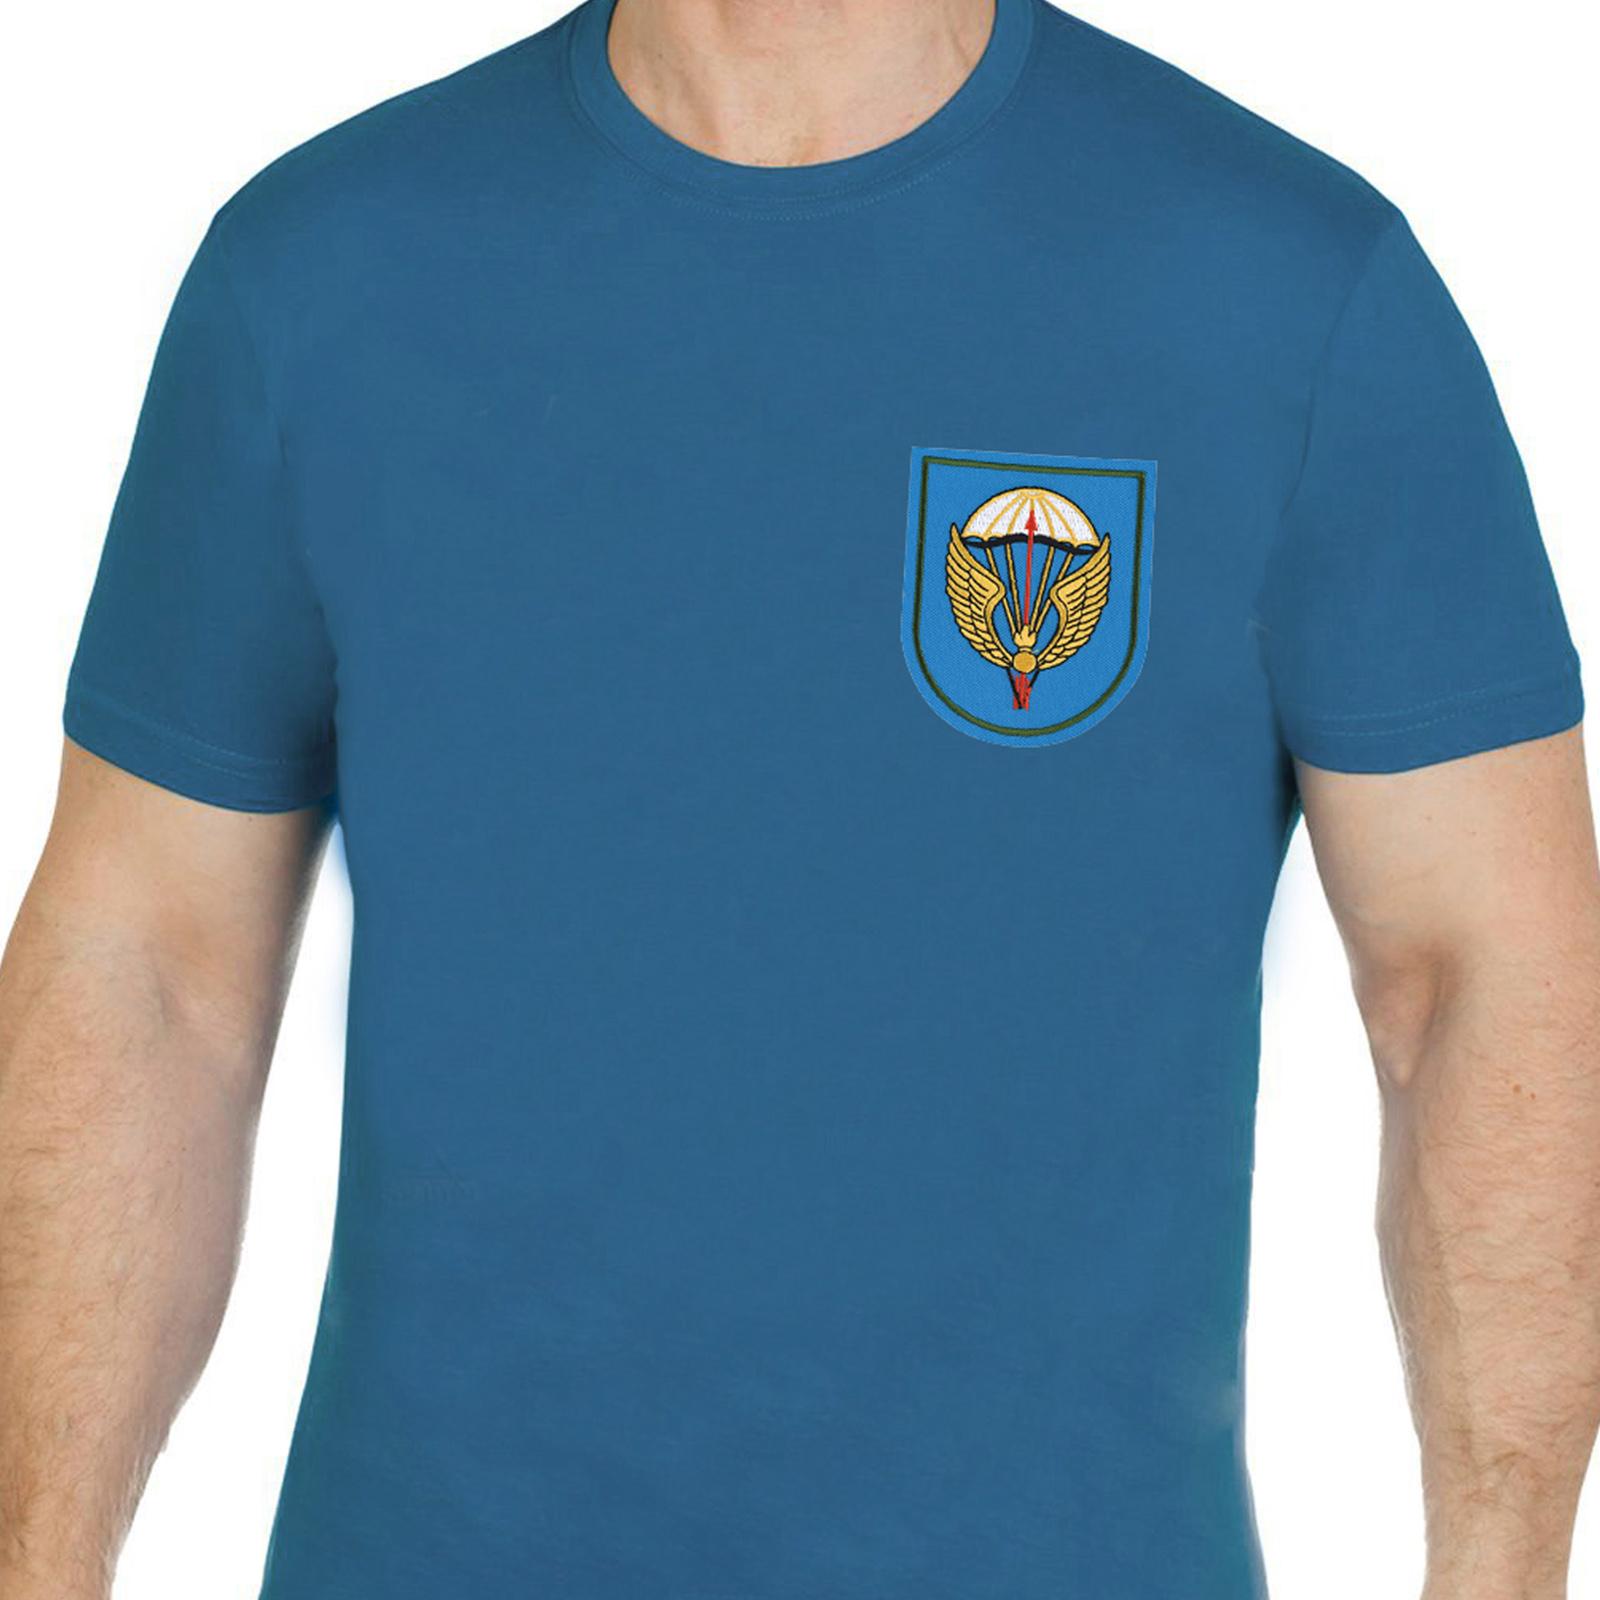 Трендовая хлопковая футболка с вышивкой ВДВ 31 ОДШБр